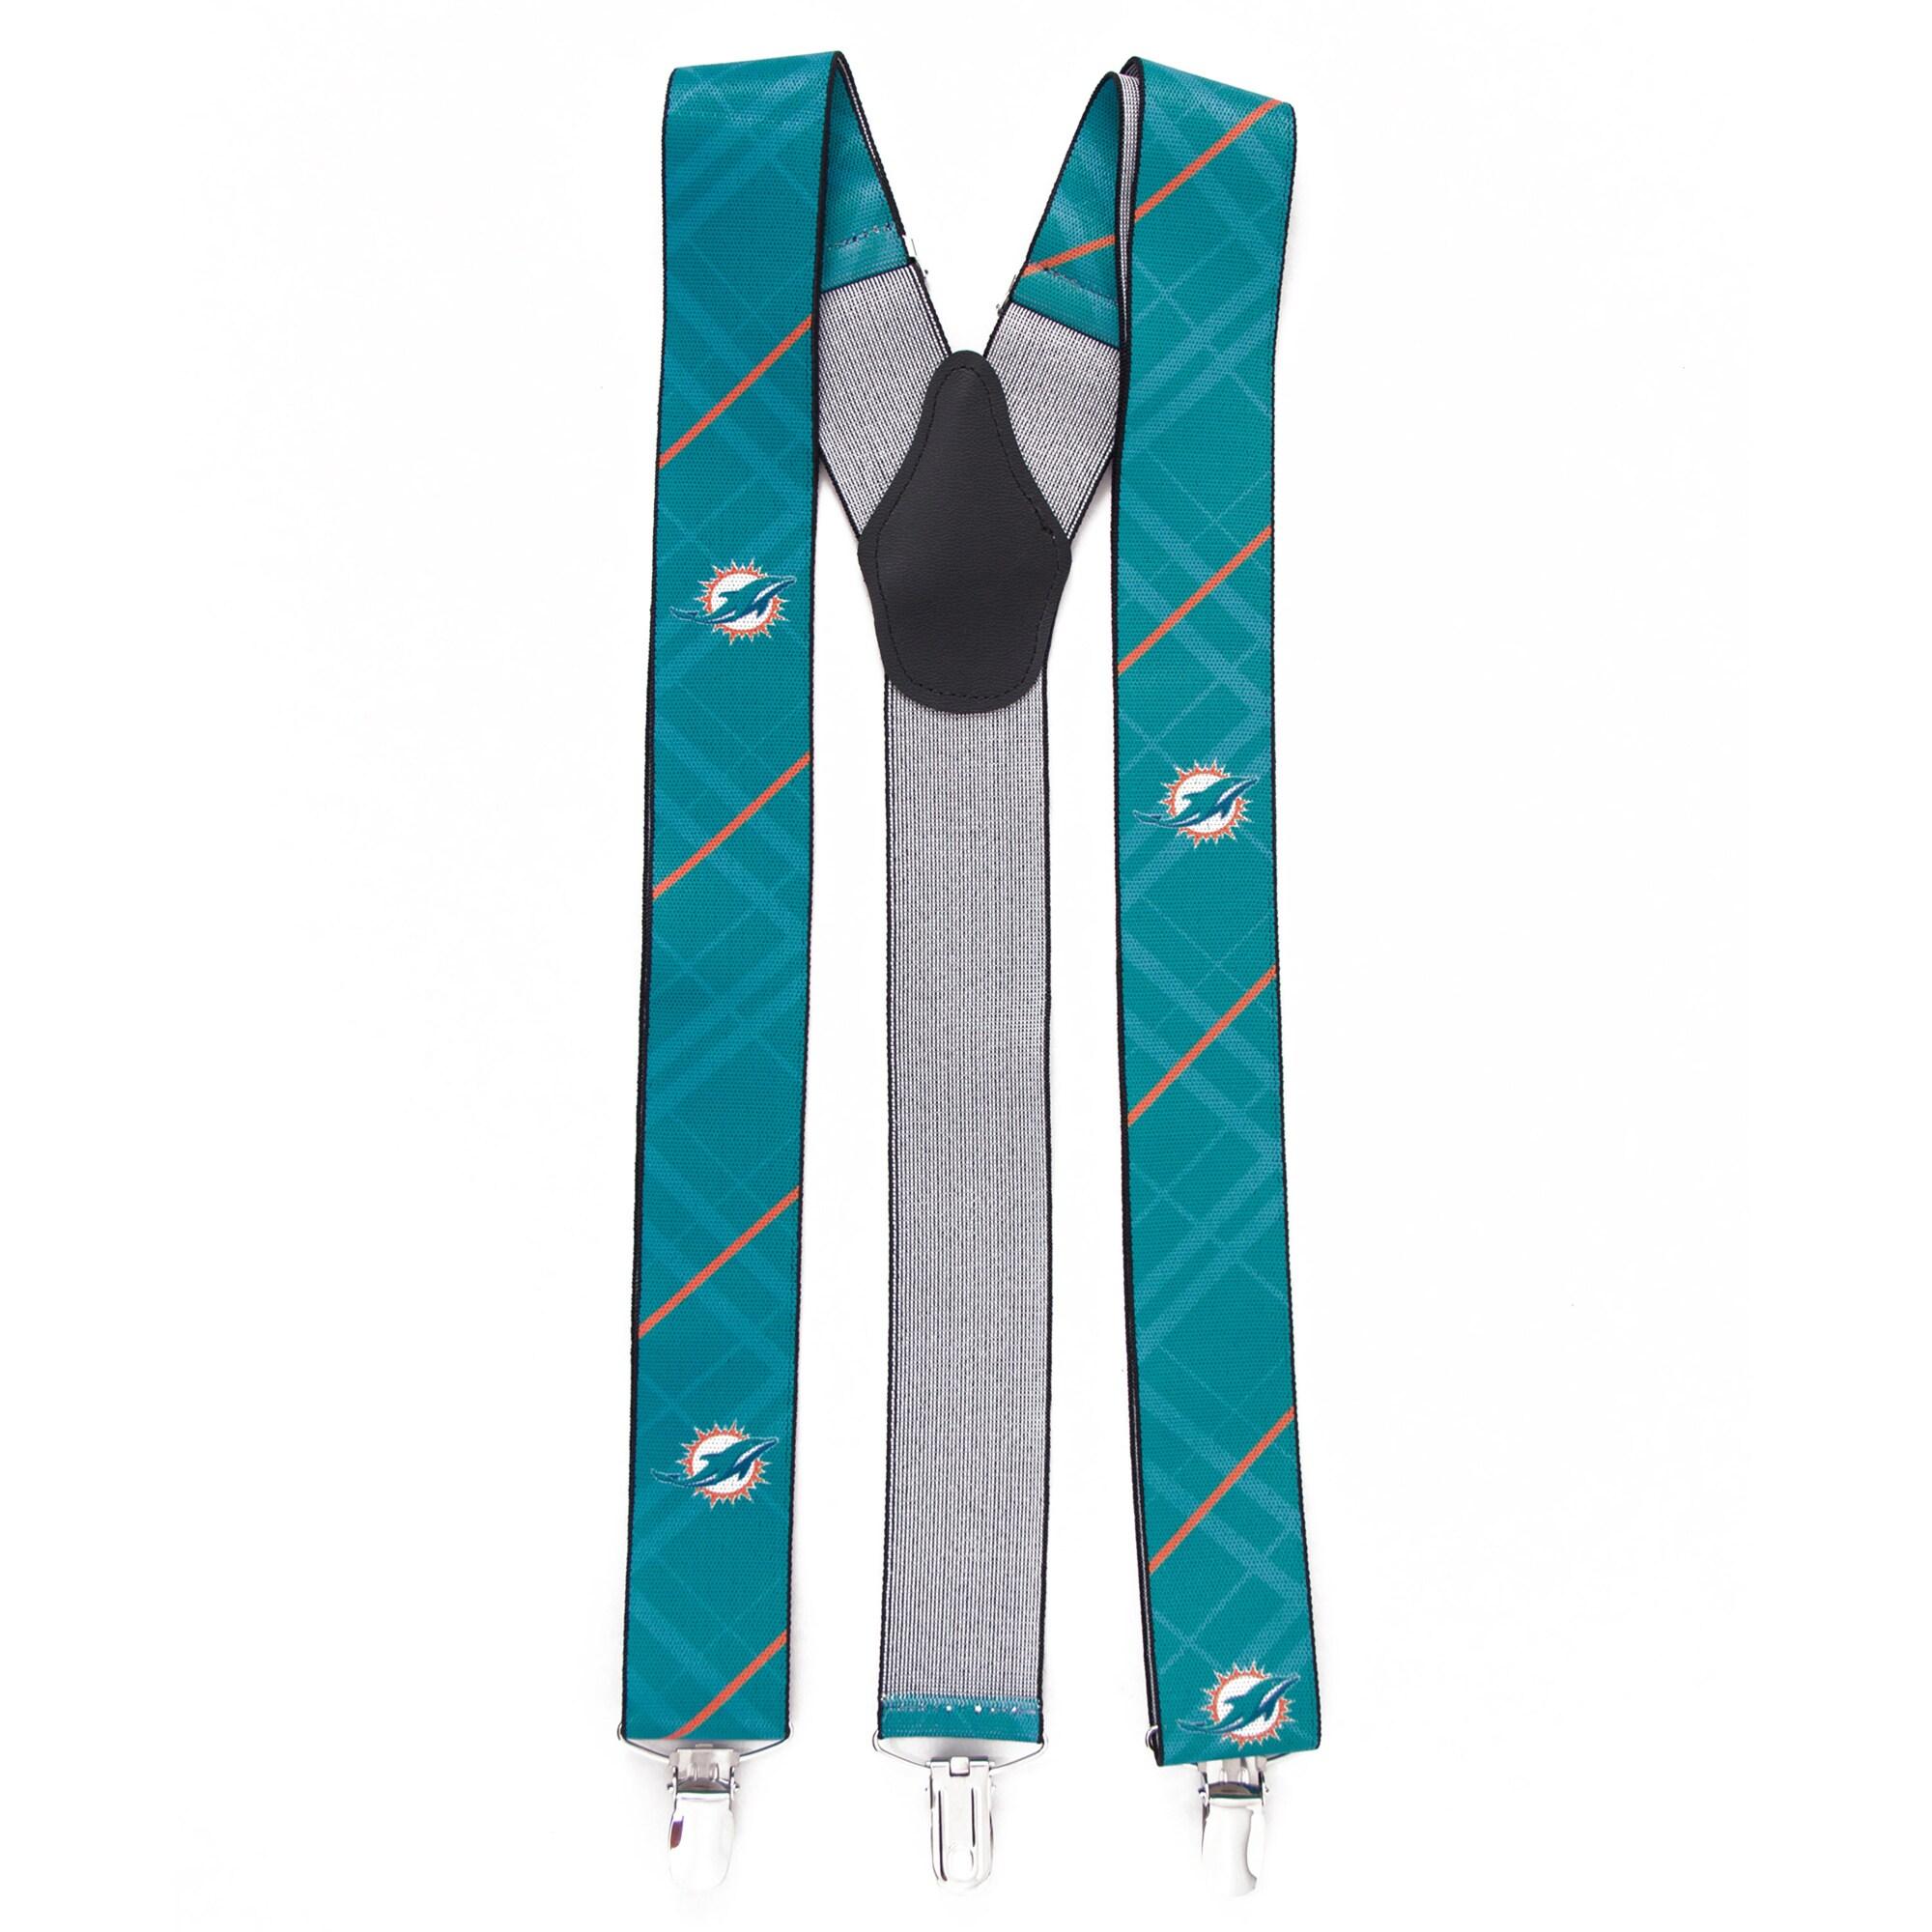 Miami Dolphins Suspenders - Aqua